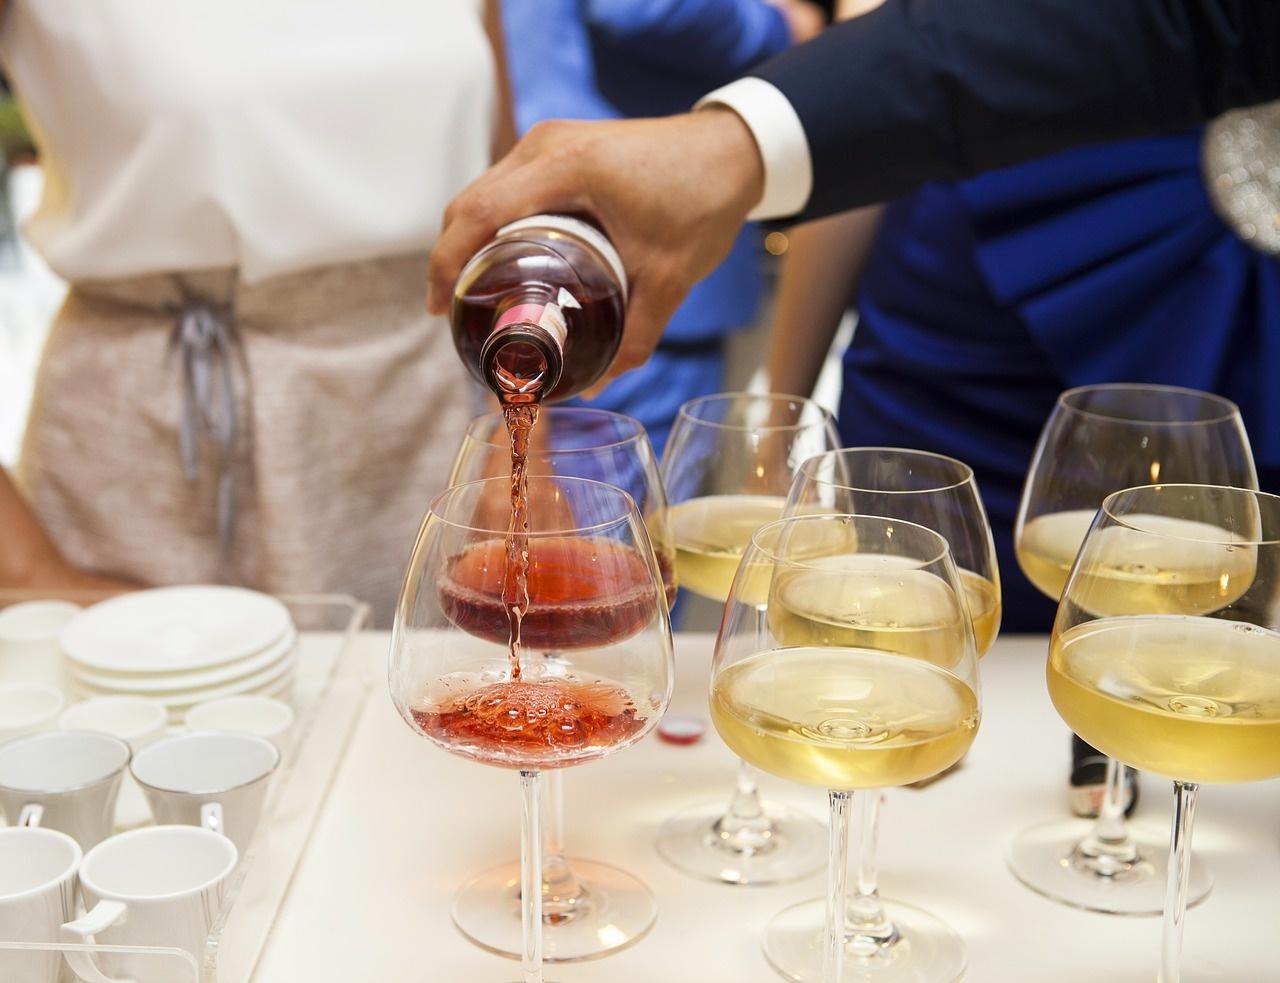 wine-2373500_1280